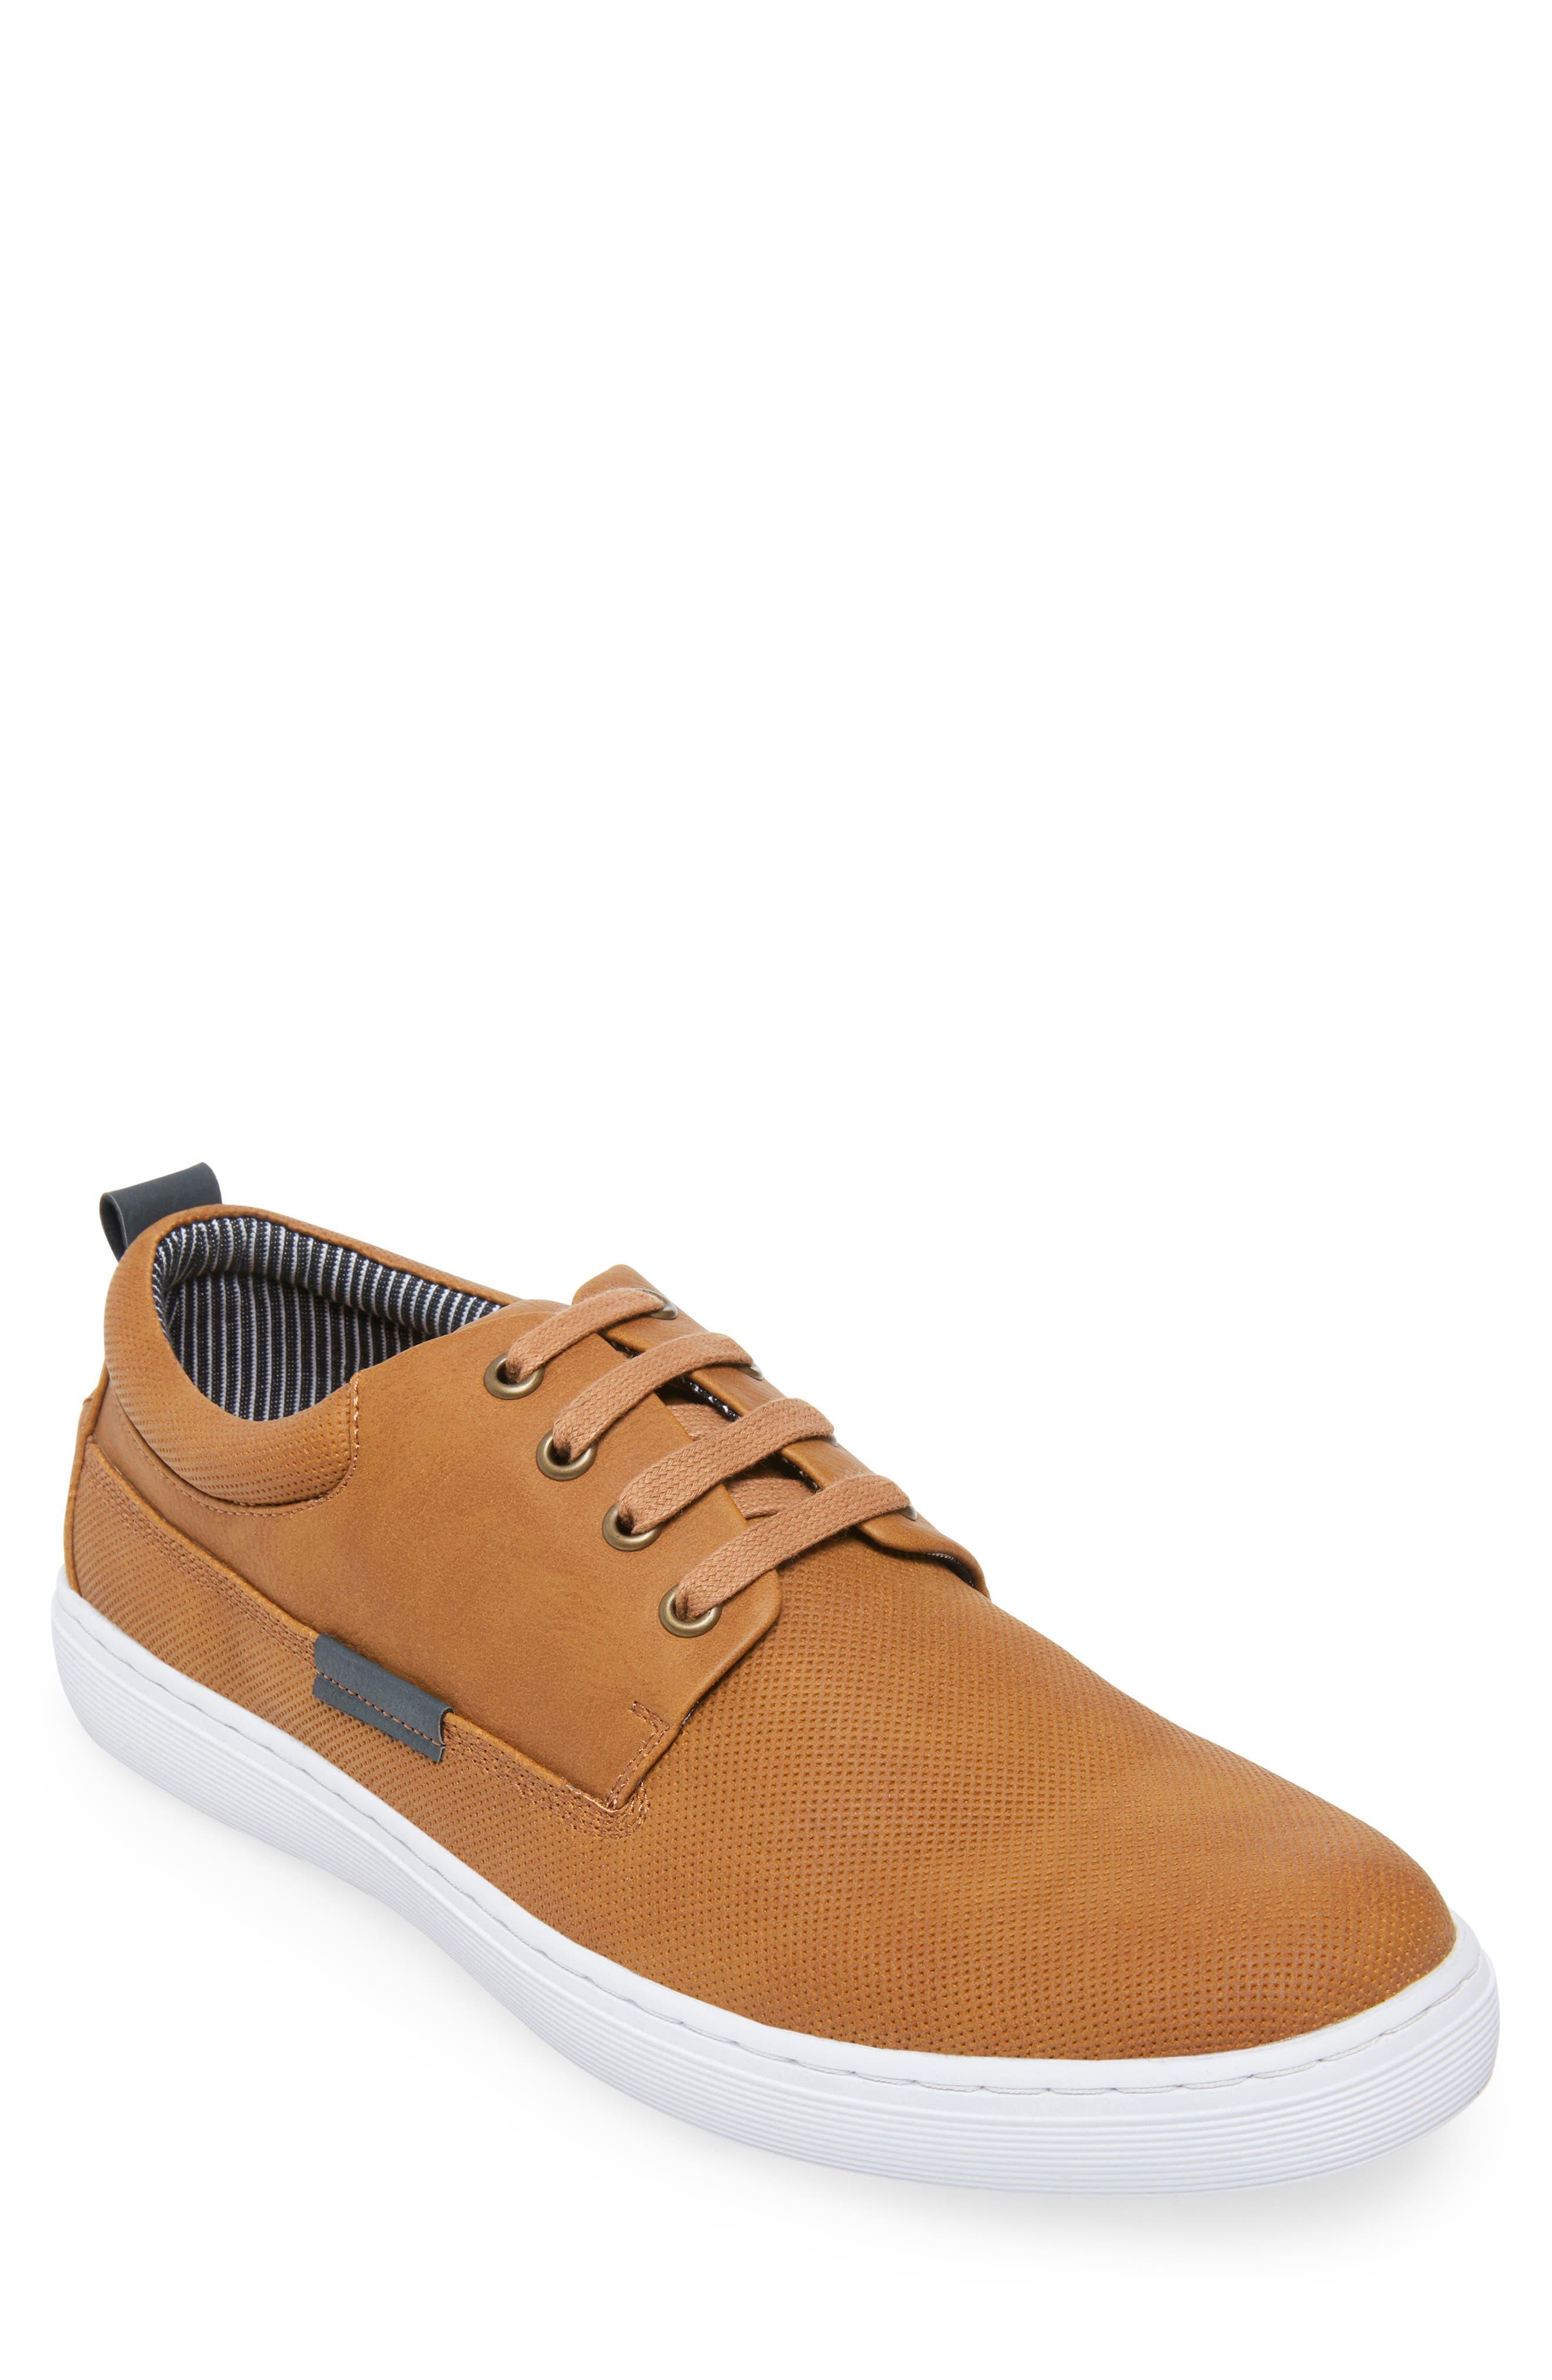 Halliday Sneaker,                         Main,                         color, COGNAC